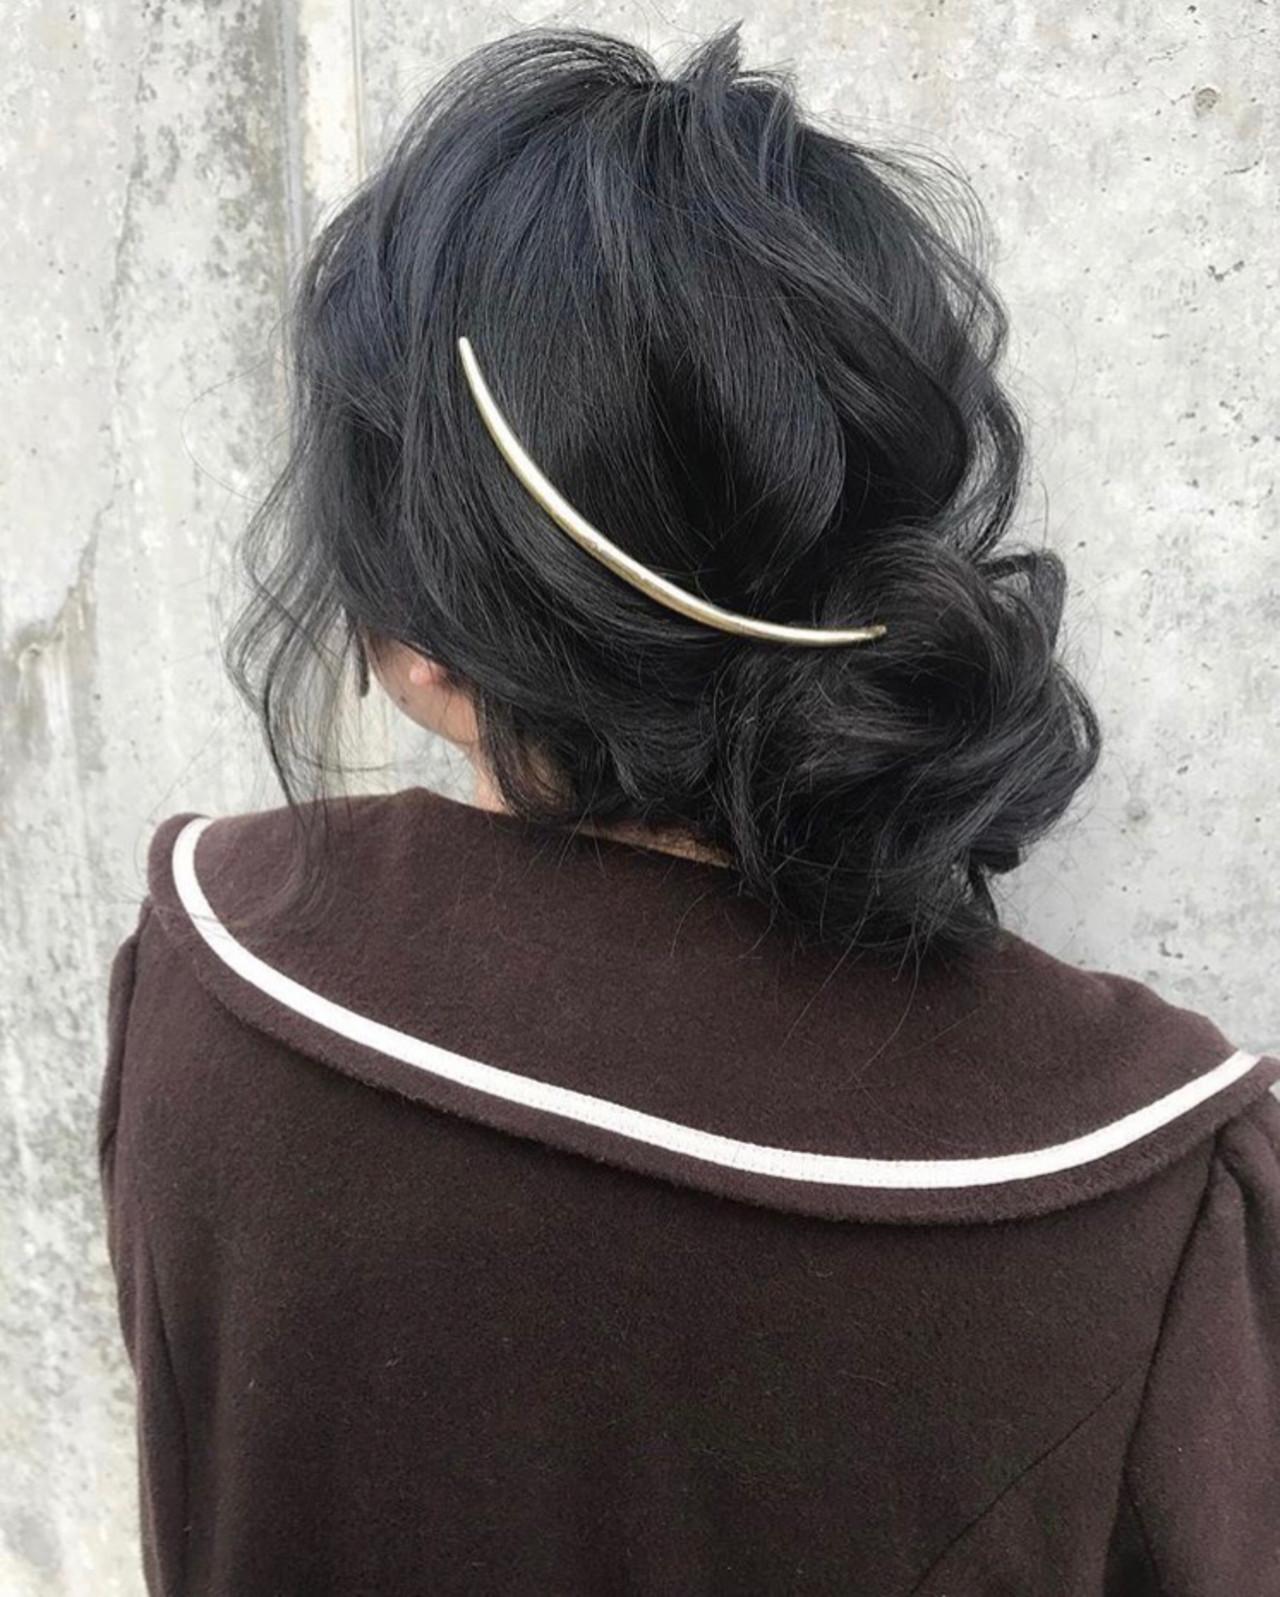 デート ロング ナチュラル ヘアアレンジヘアスタイルや髪型の写真・画像